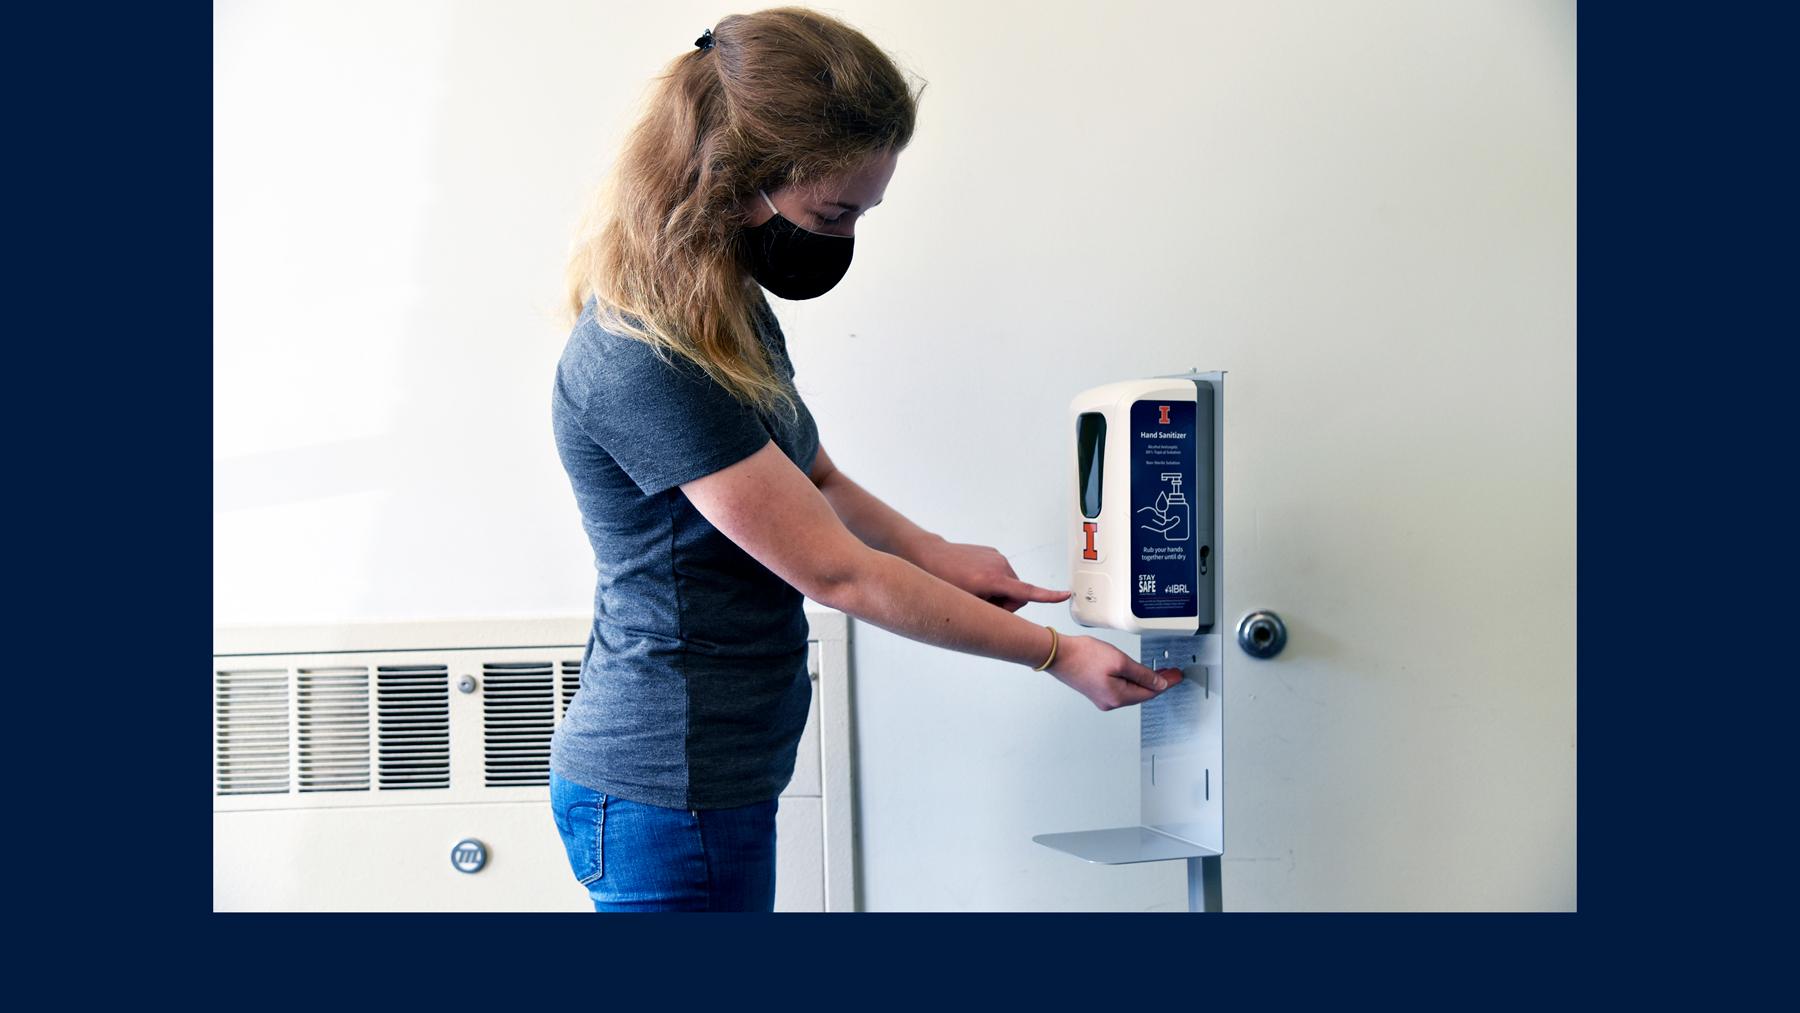 Illinois student uses hand sanitizer station labeled with U of I logo